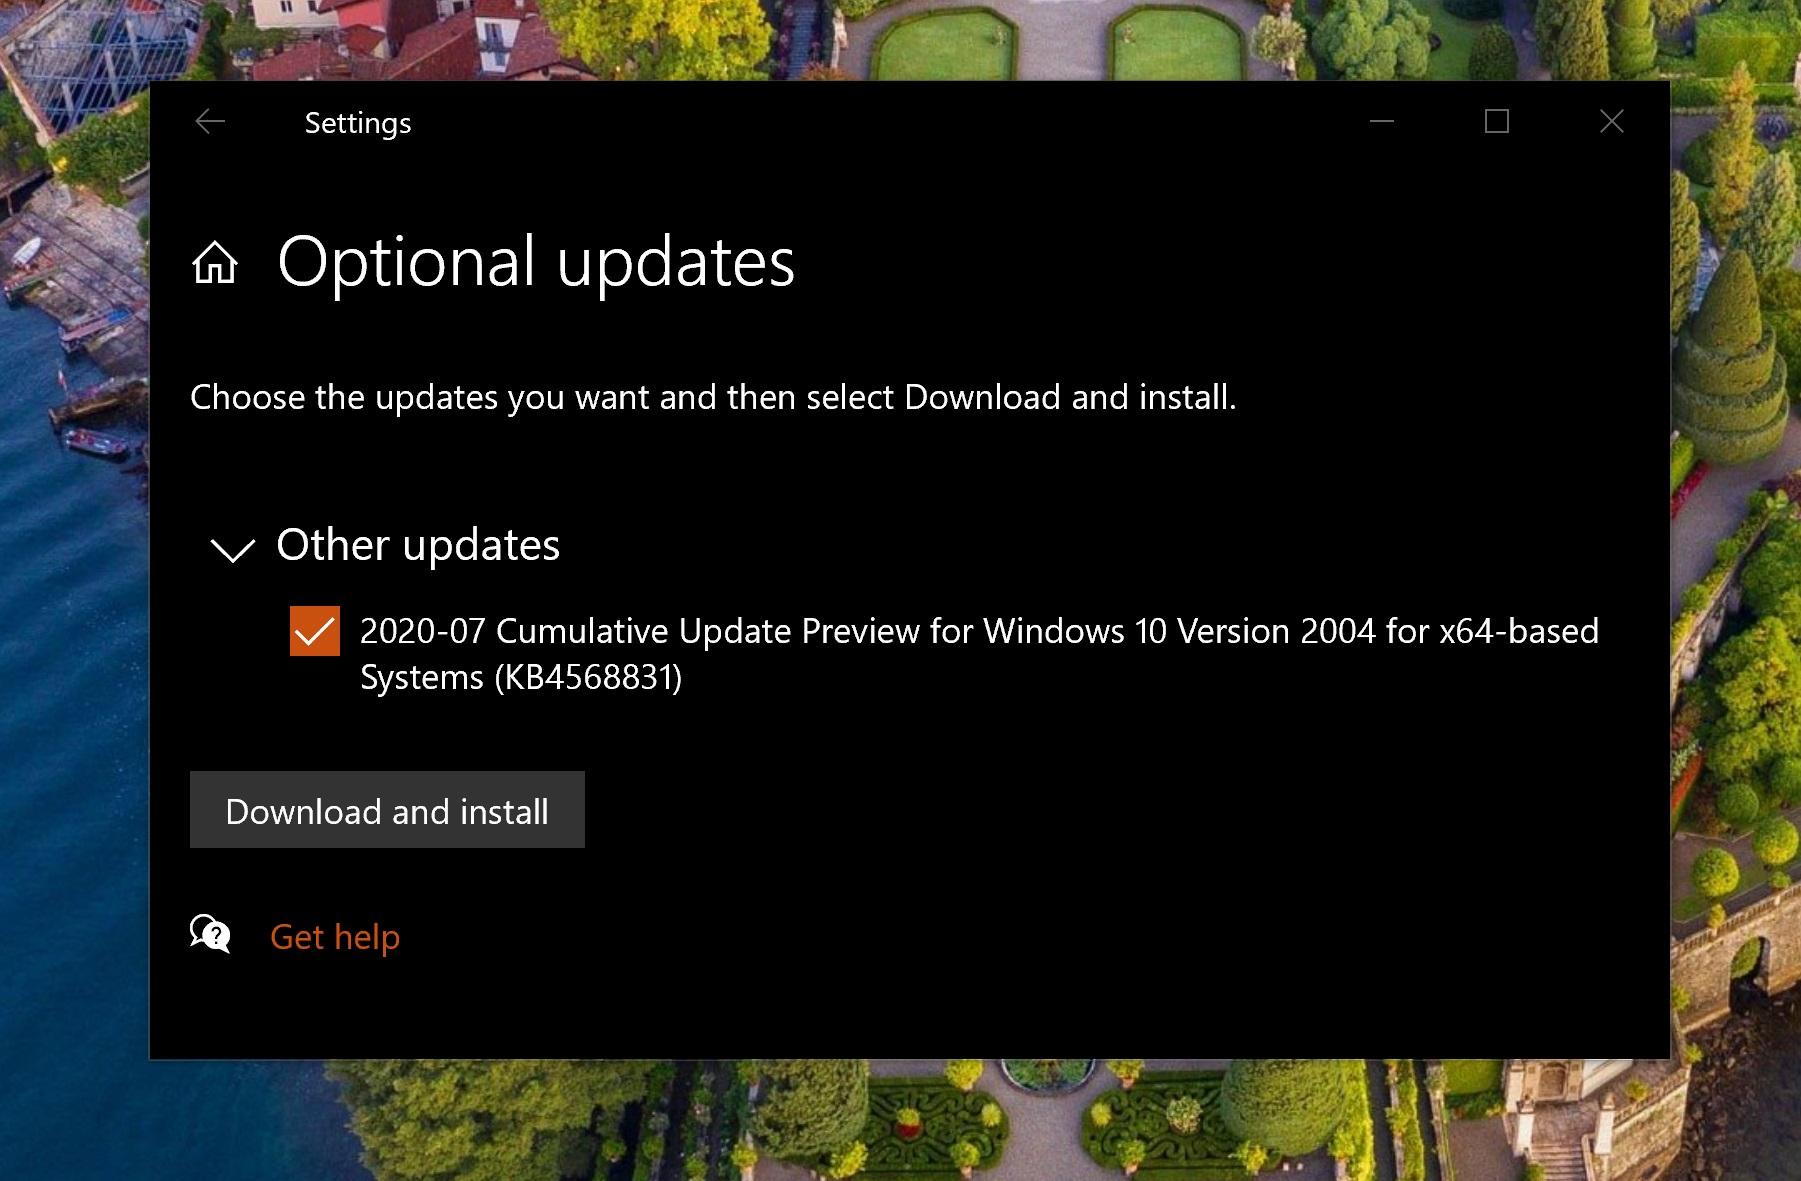 Şu anda yeni Windows 10 Başlat Menüsü nasıl etkinleştirilir 15